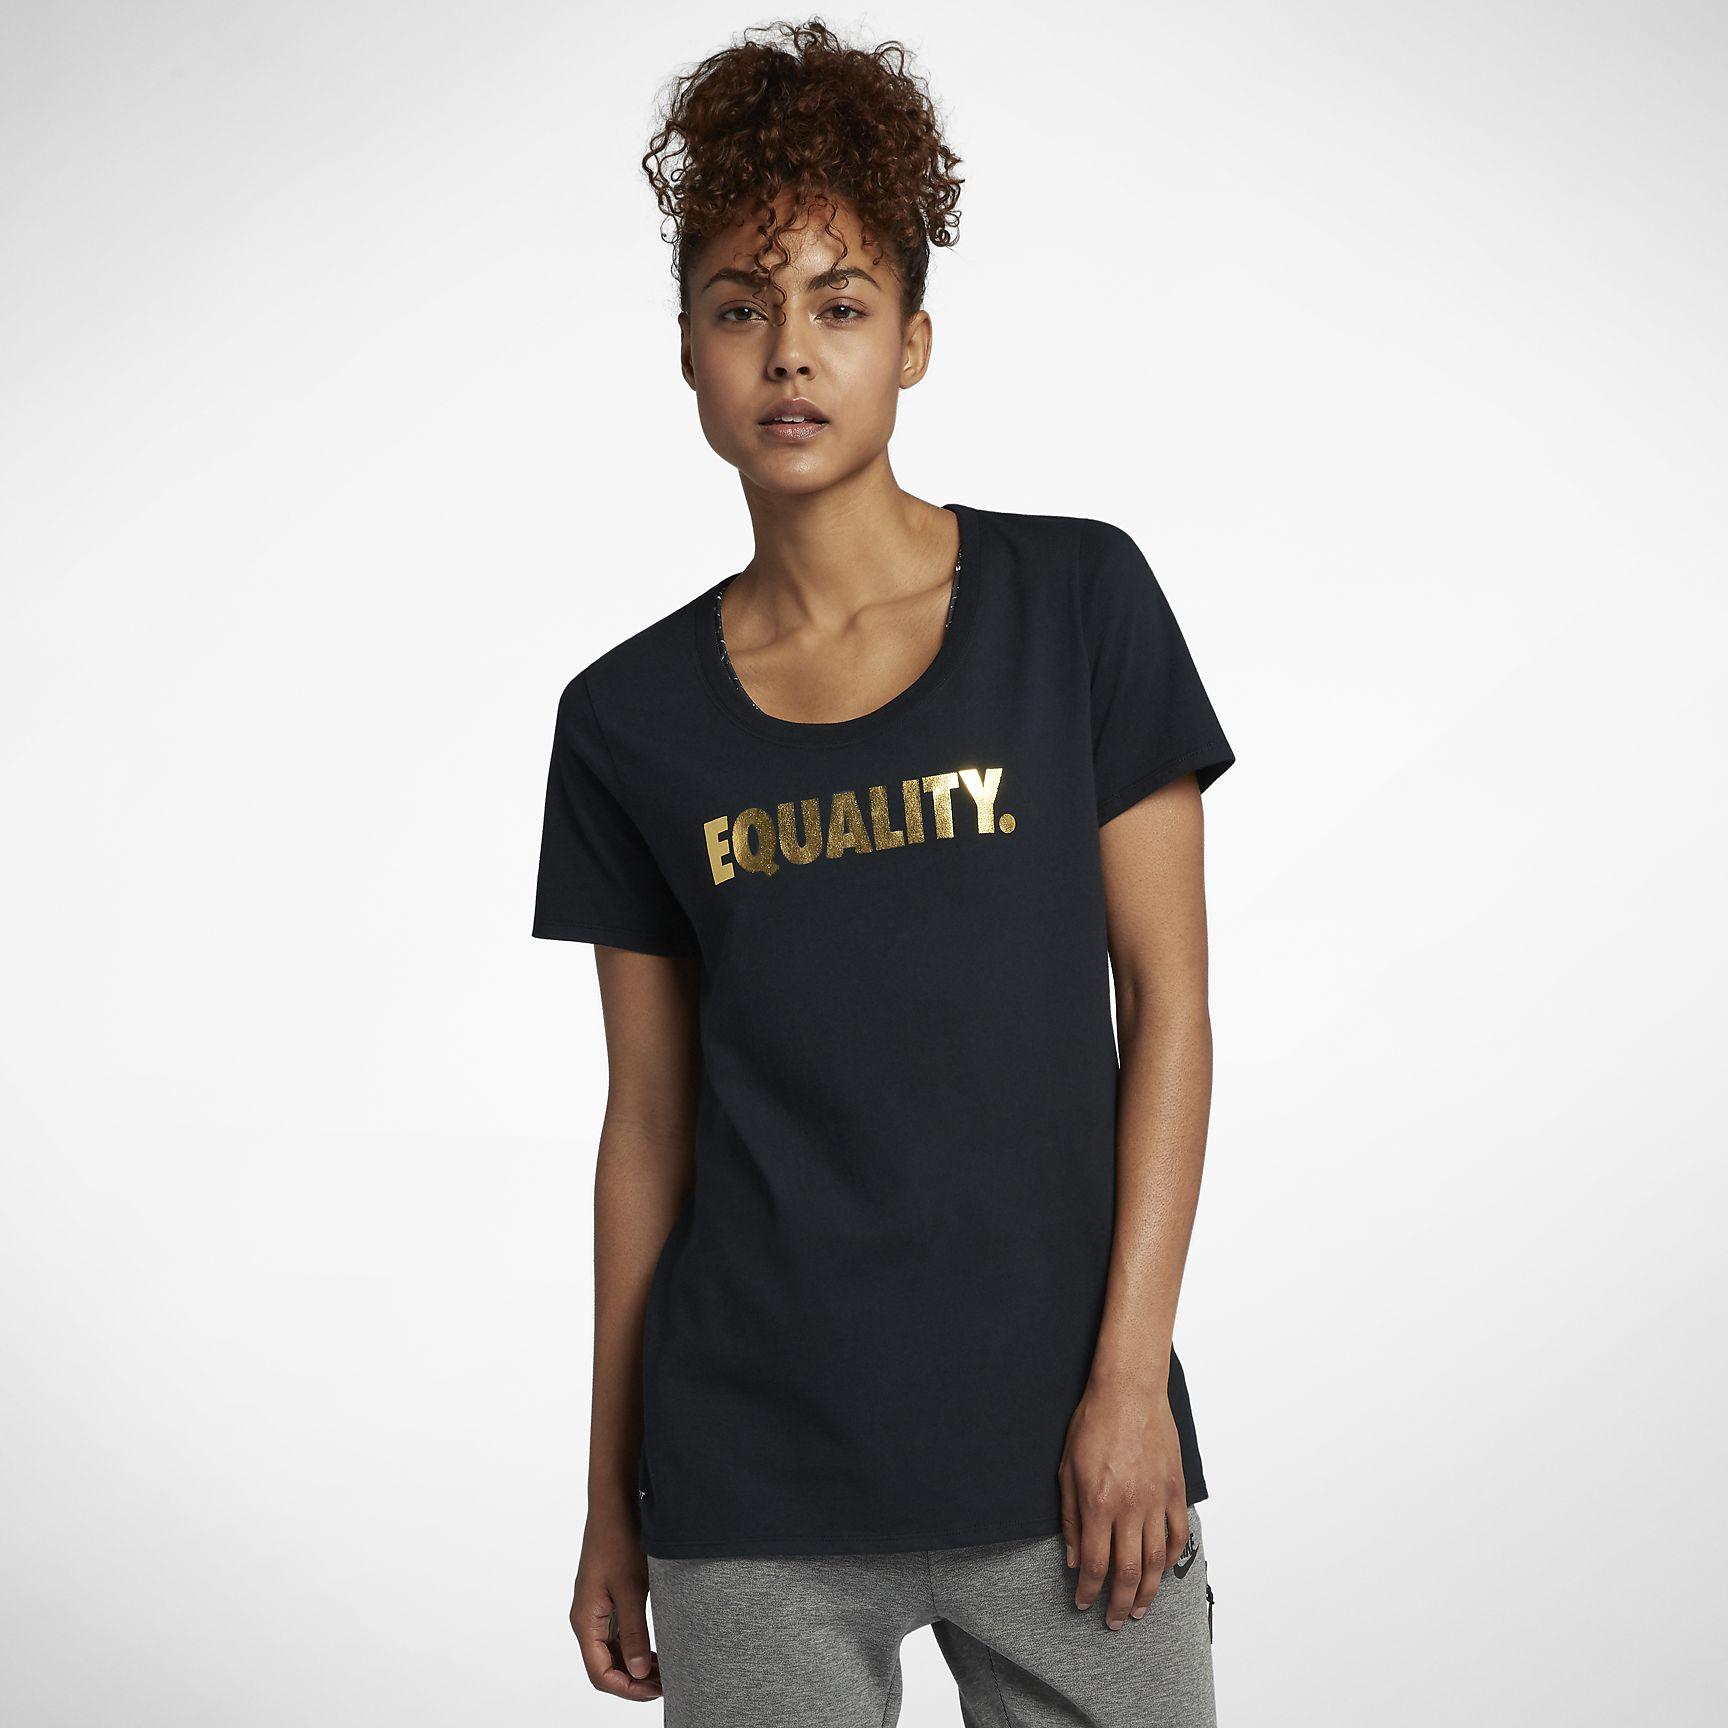 equality-womens-t-shirt-xhHDc5.jpg